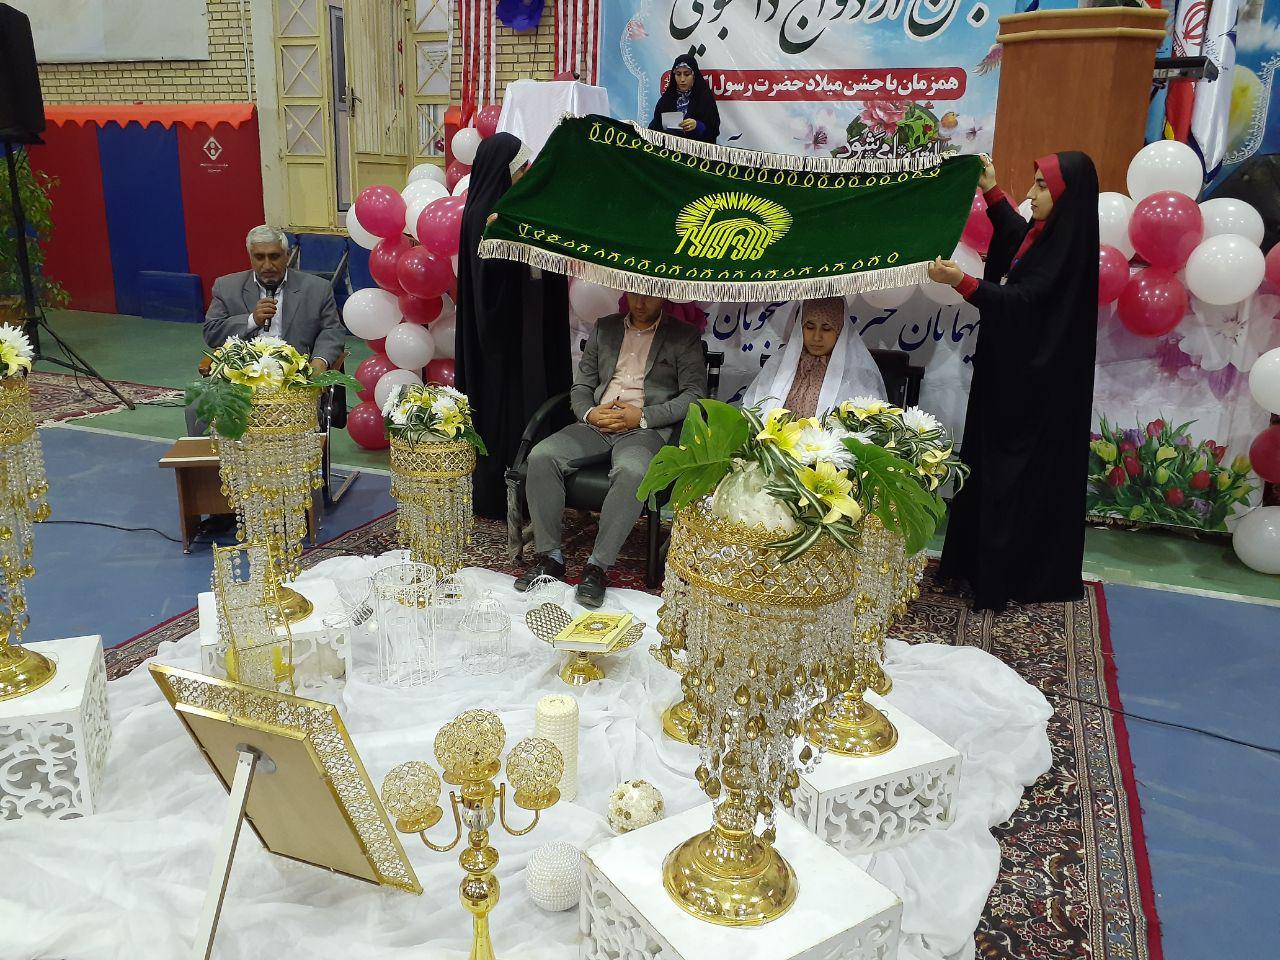 جشن ازدواج دانشجویی در دانشگاه پیام نور استان با مشارکت مجمع ازدواج جوانان